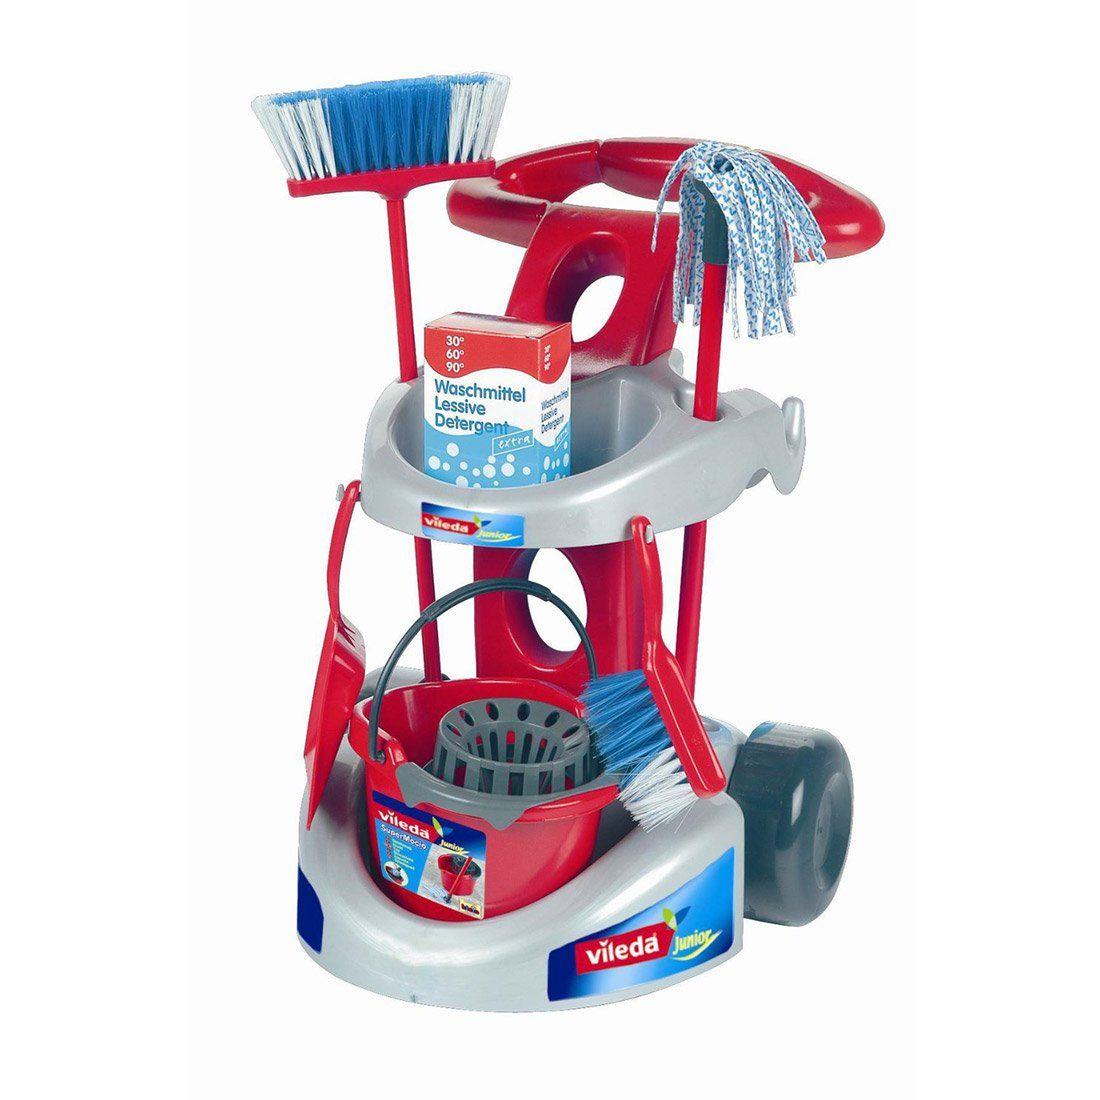 Giochi Di Pulire La Casa set mocio pulizia giocattolo